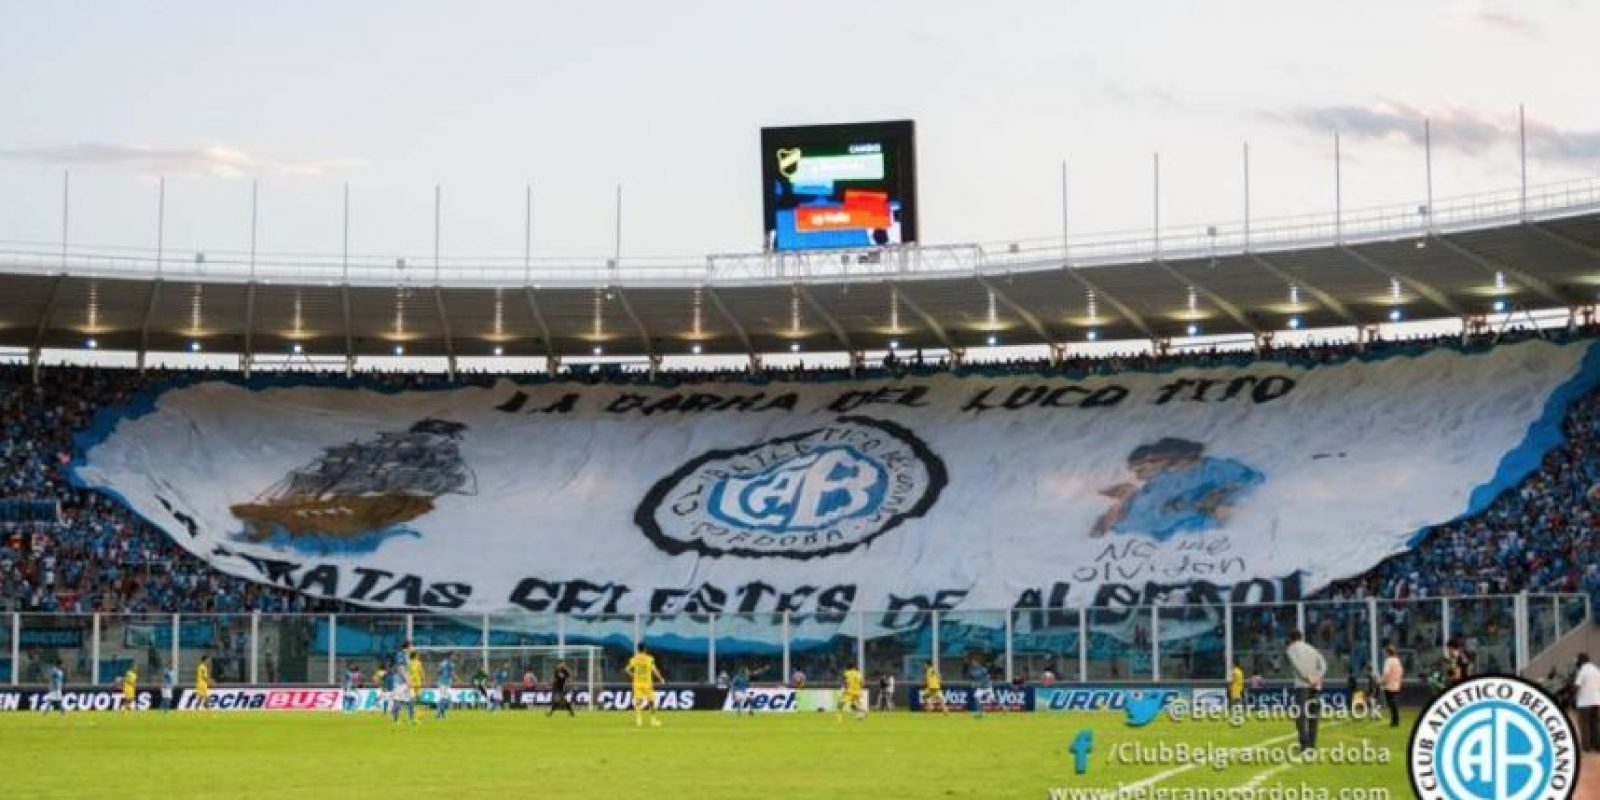 El aficionado habría caído tras el primer gol de Belgrano. Foto:facebook.com/ClubBelgranoCordoba